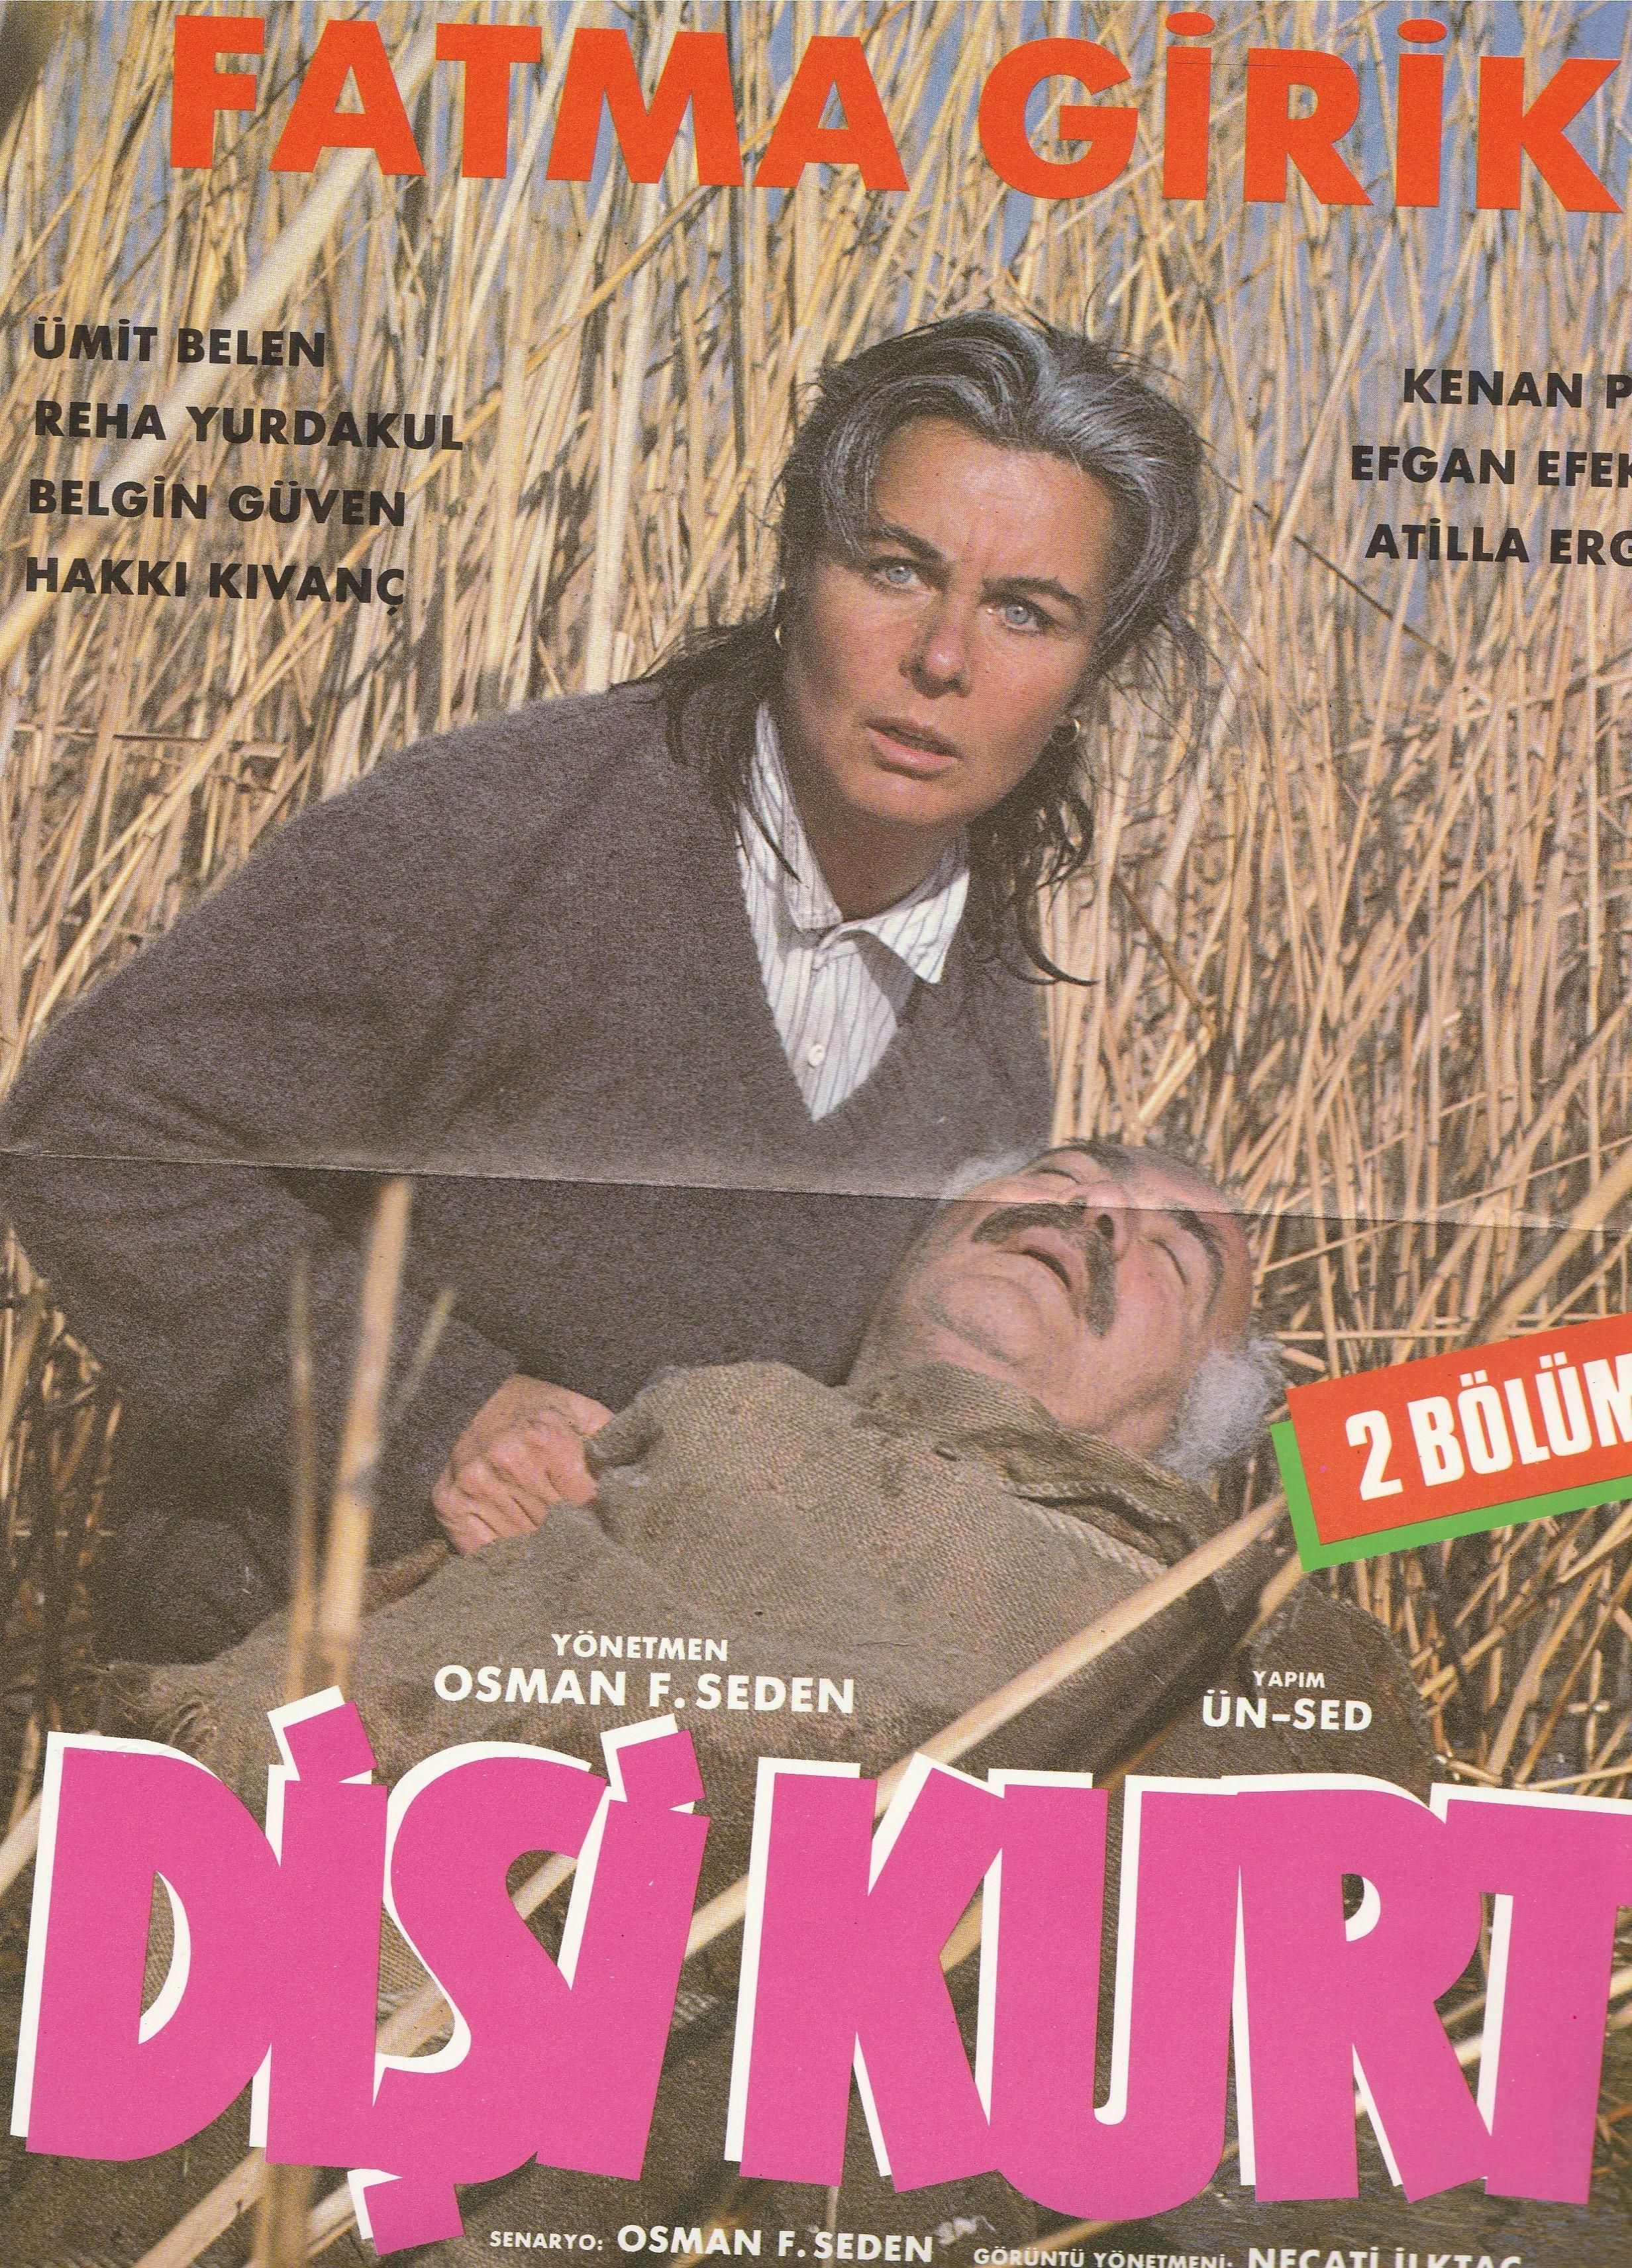 Disi kurt ((1987))